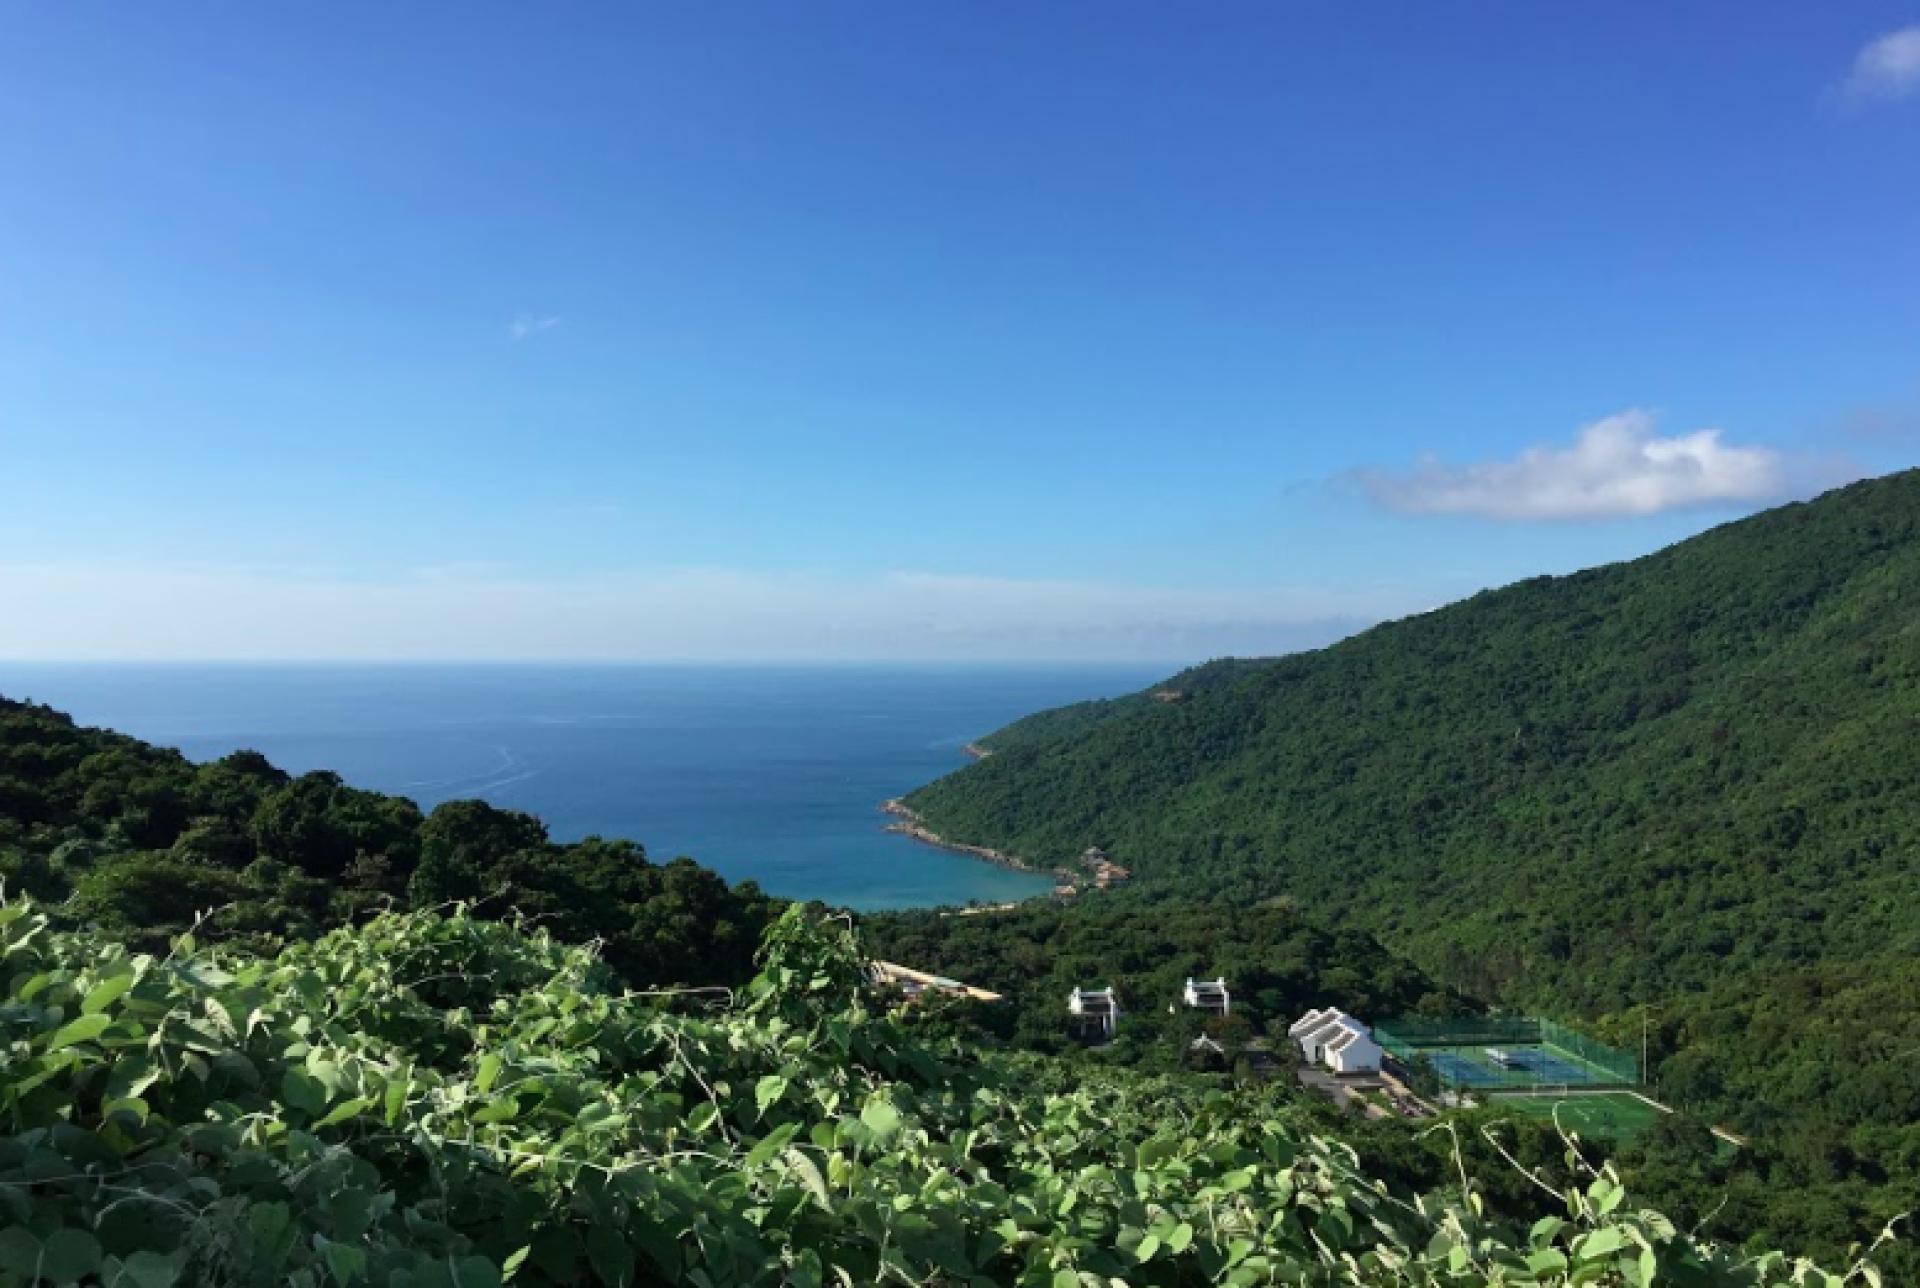 【絕美山海景致的峴港一日遊】摩托車遊山茶半島